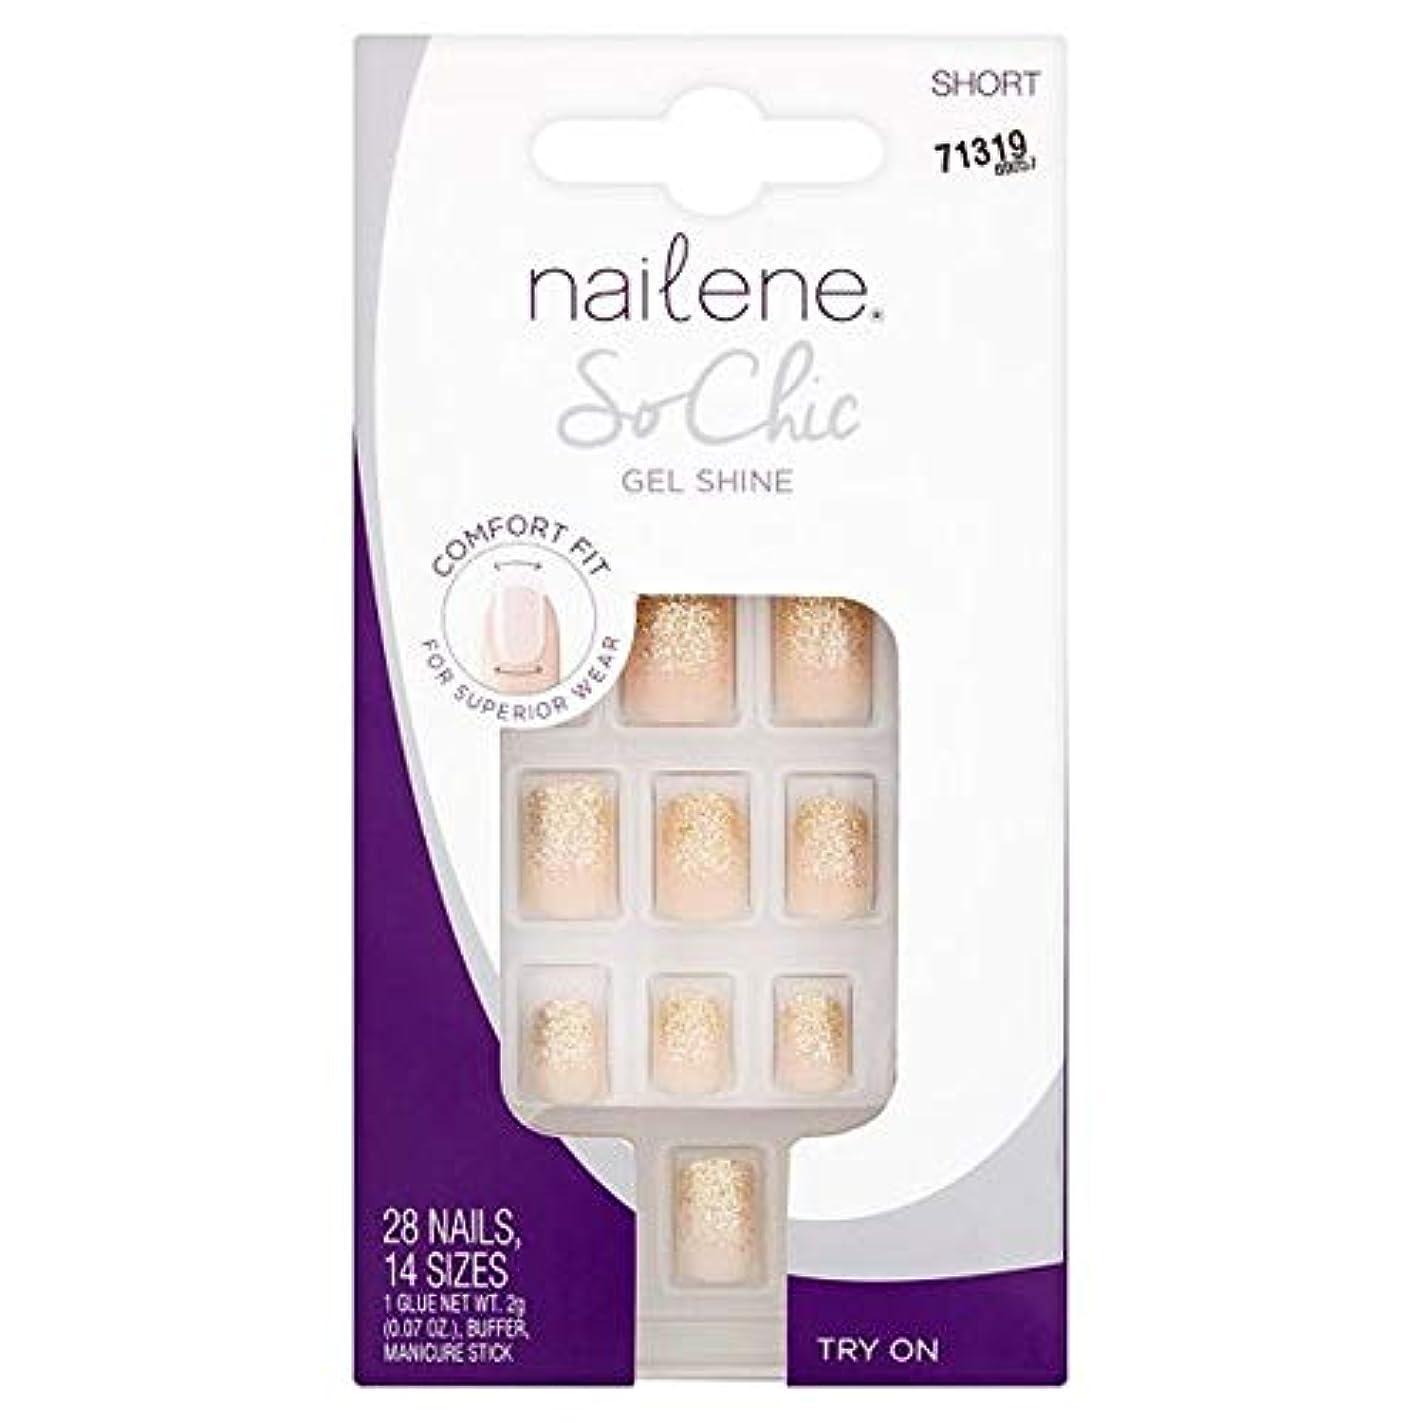 バッフルバーガー急流[Nailene] Nailene釘ので、シックなゲル輝き - Nailene Nails So Chic Gel Shine [並行輸入品]